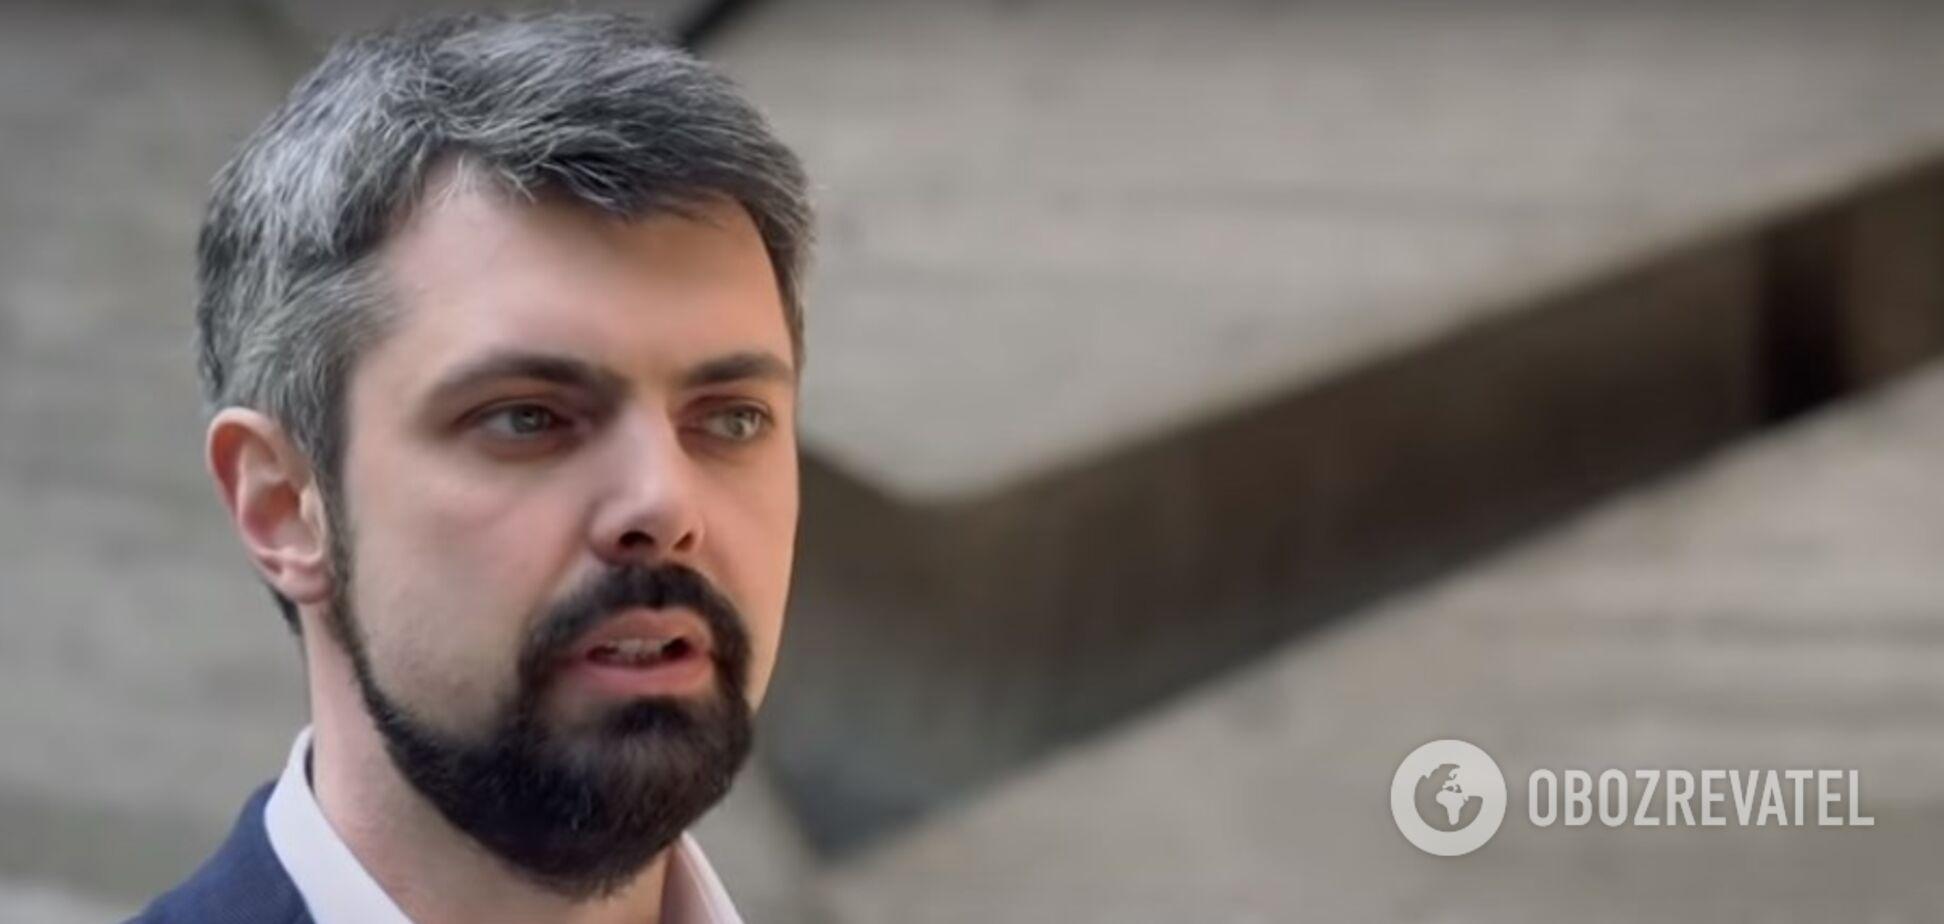 Институт нацпамяти показал ролик о Второй мировой: в России возмутились